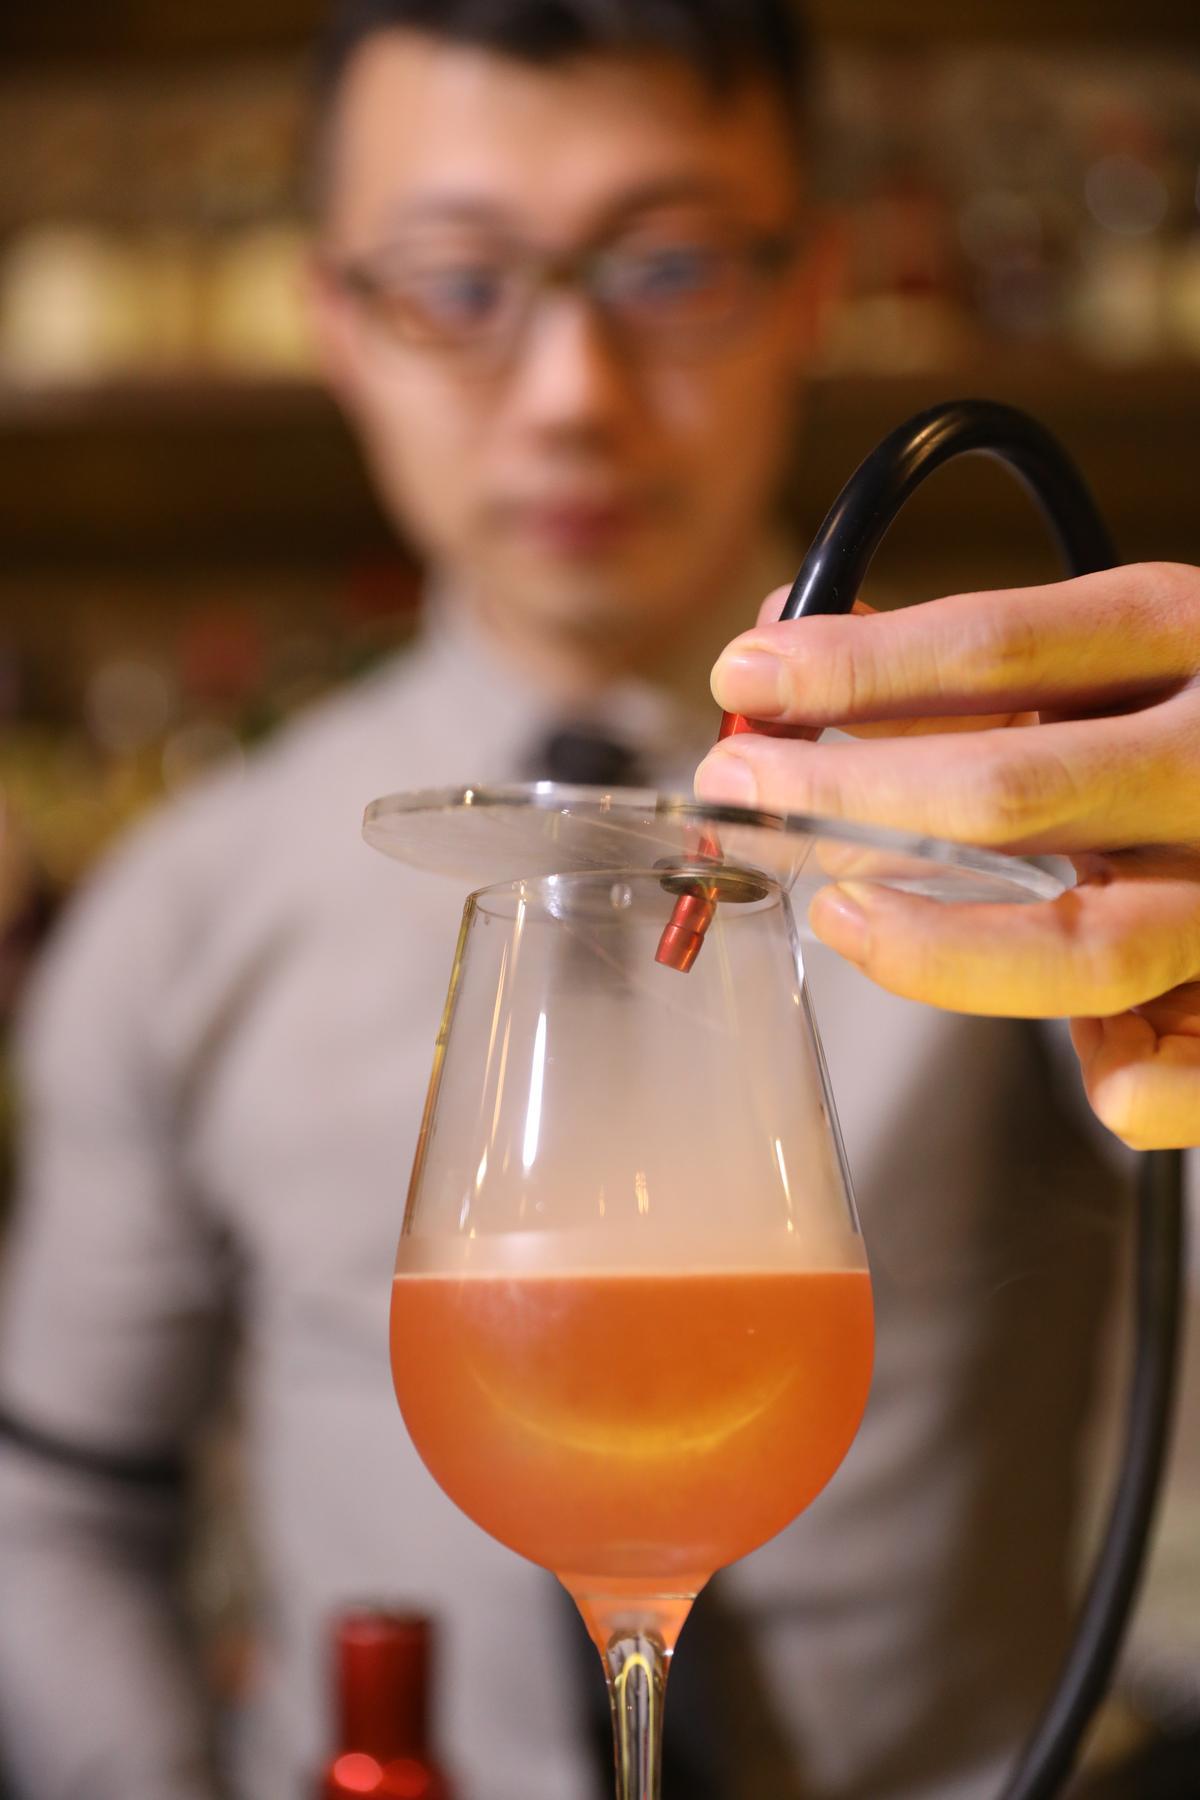 以煙霧表現煙燻味,是調酒界的新流行。